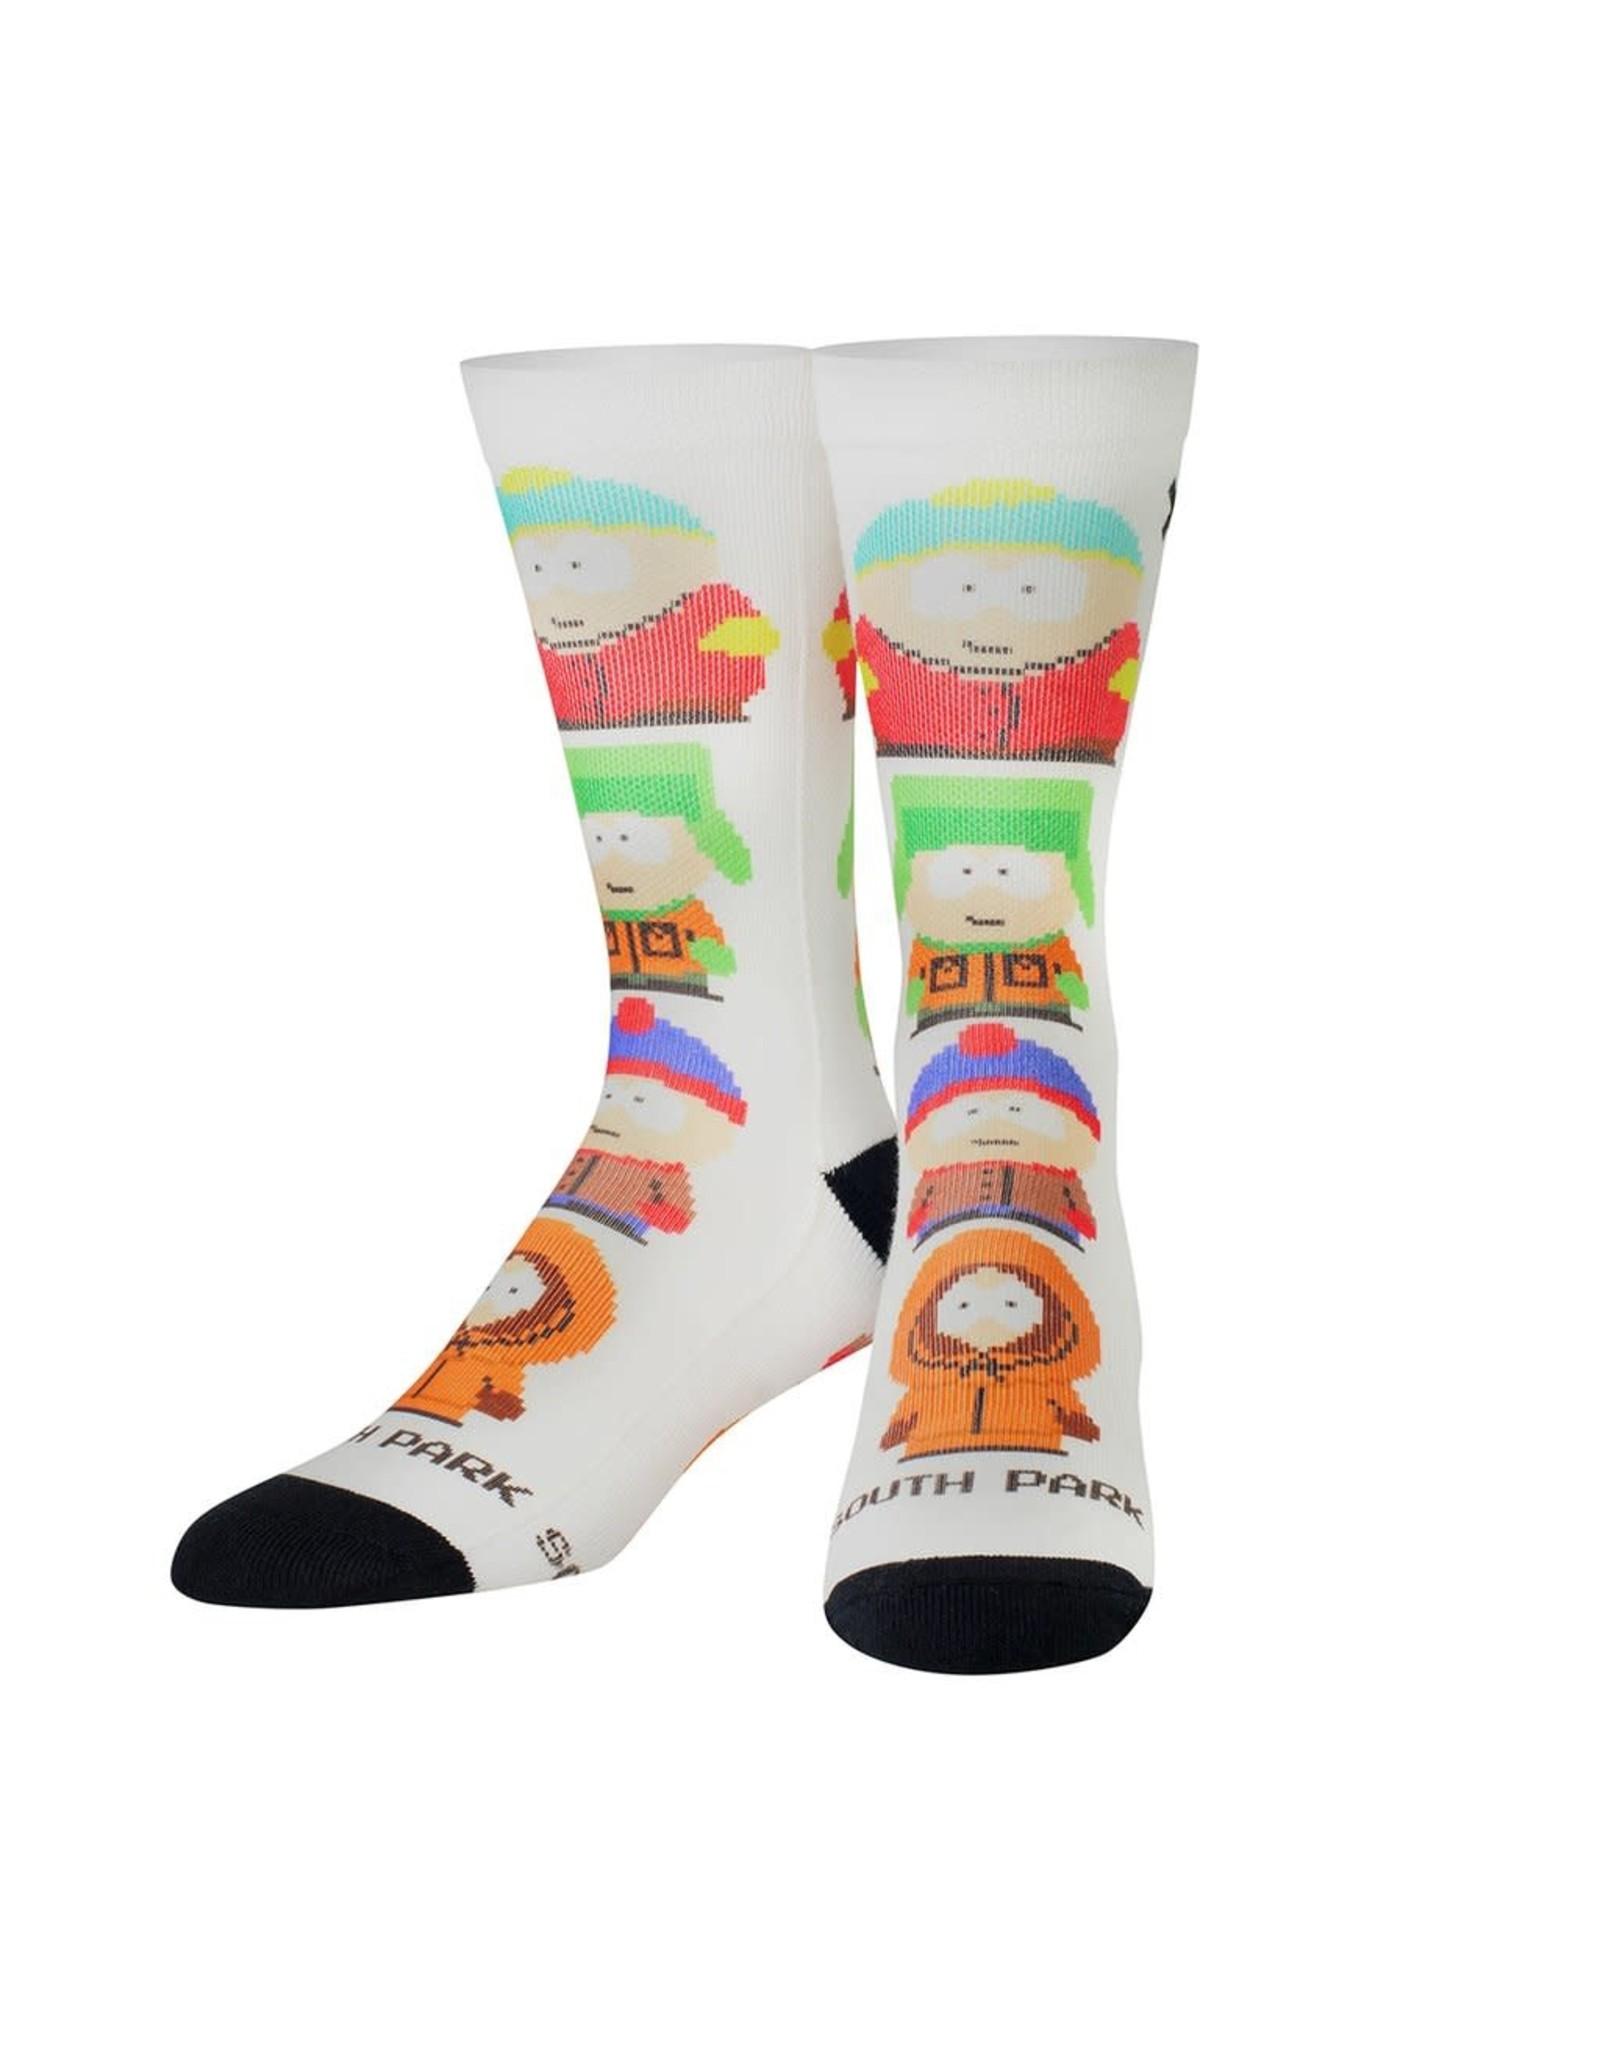 Socks (Unisex) - South Park Pixel Socks